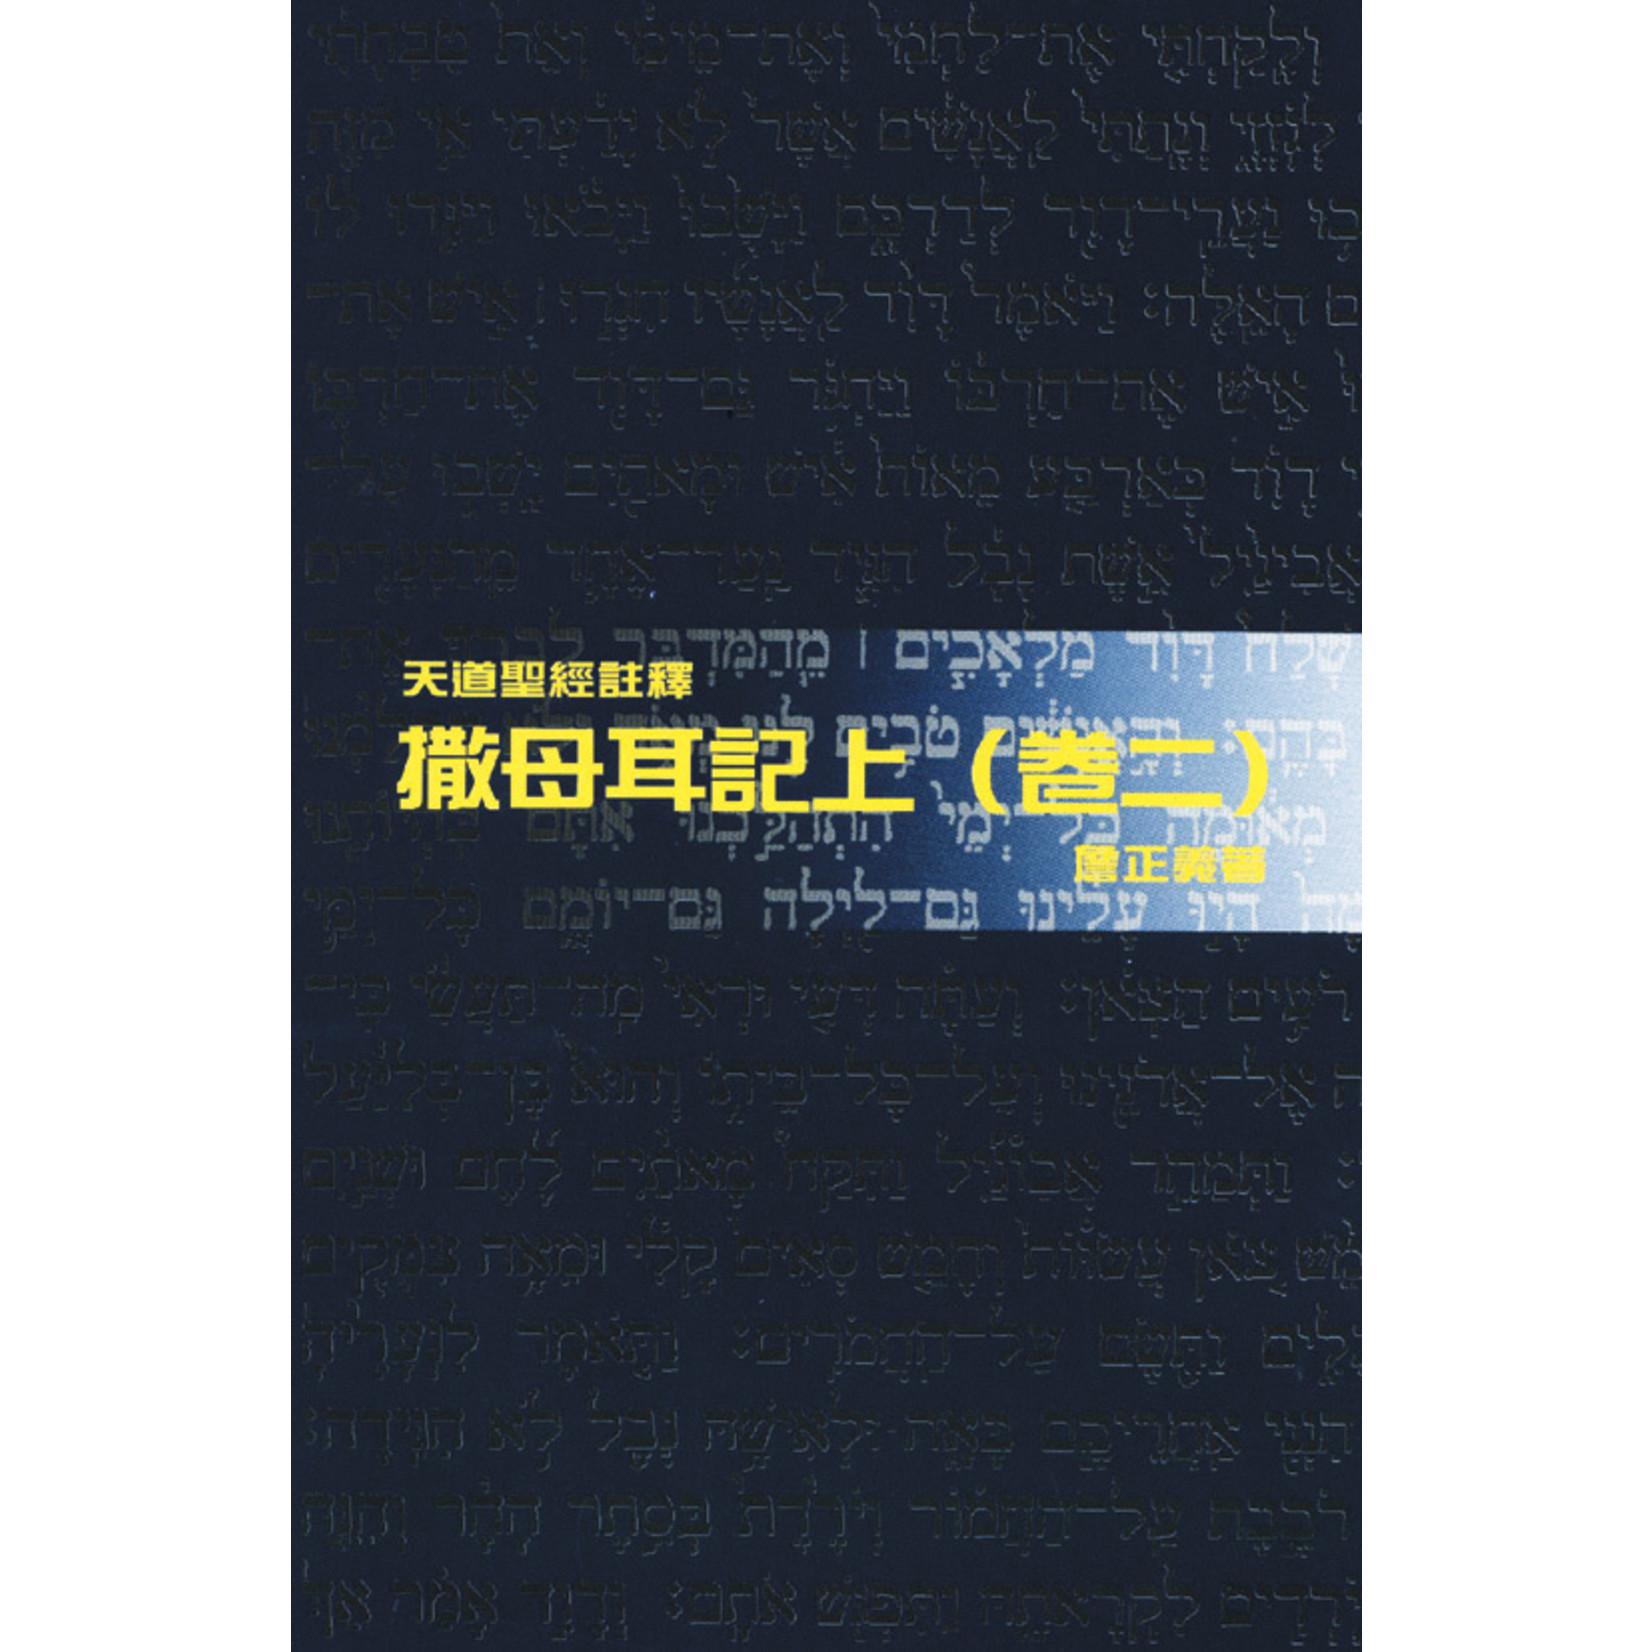 天道書樓 Tien Dao Publishing House 天道聖經註釋:撒母耳記上(卷二)